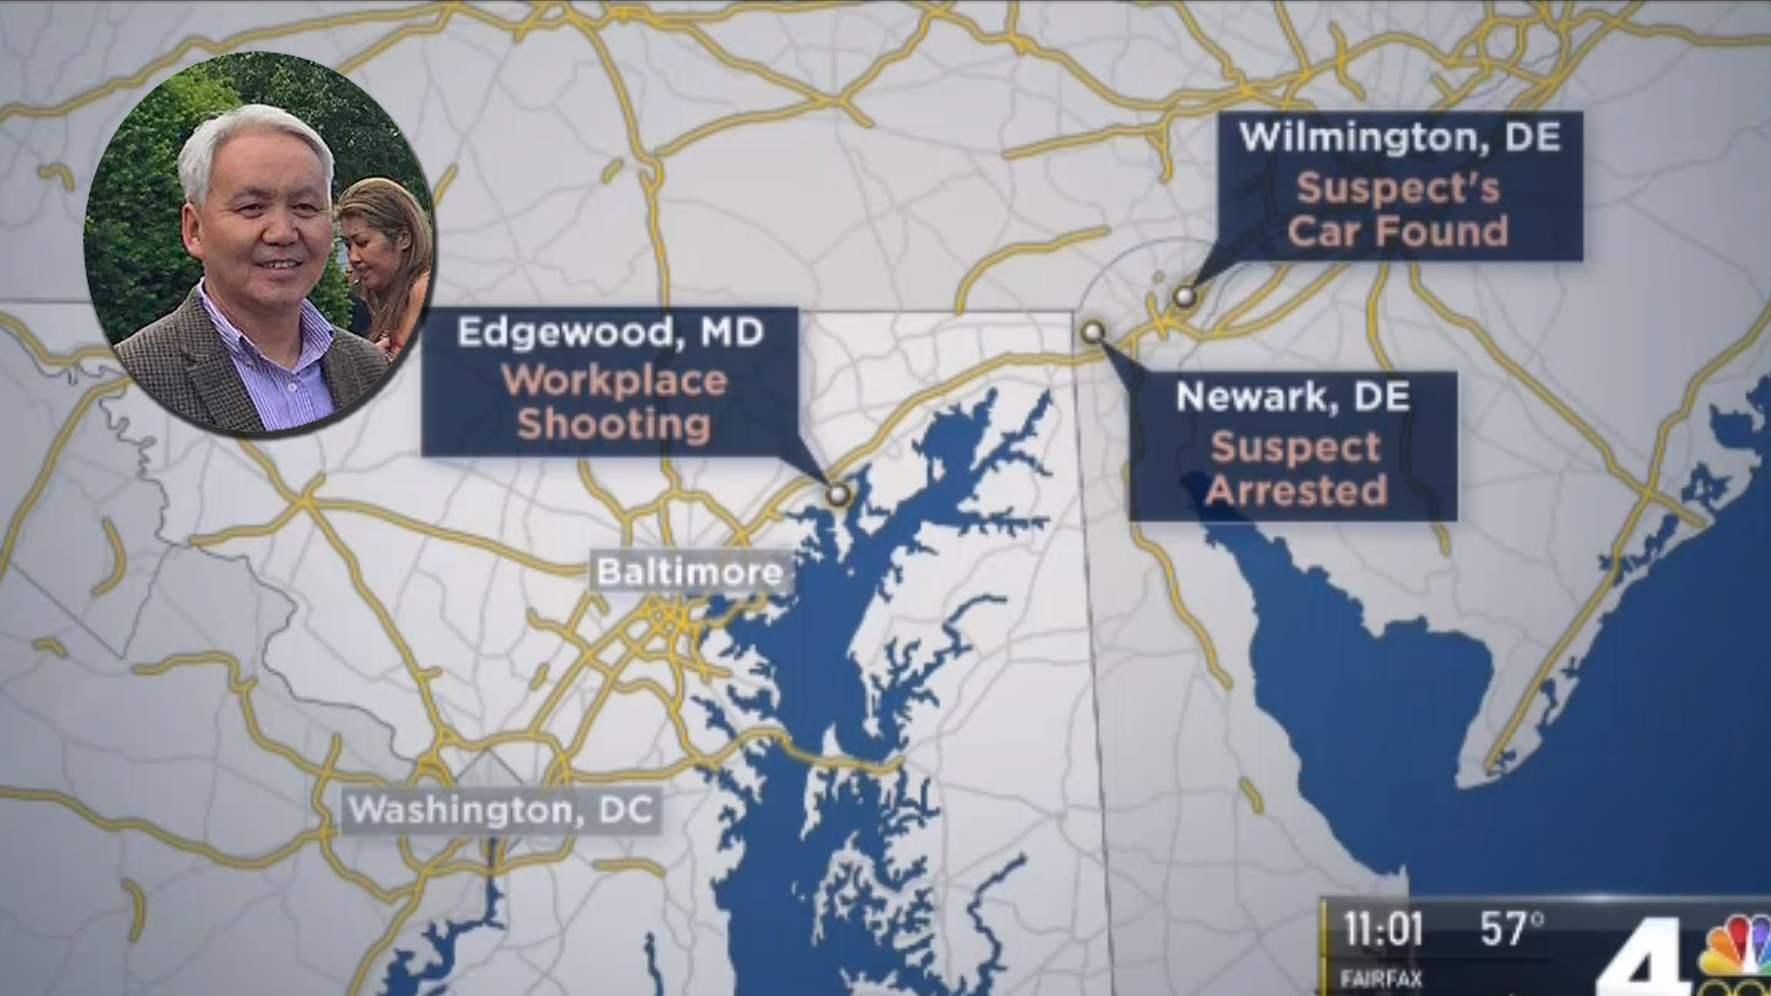 Хэрэг гарсан болон гэмт этгээдийн машин олдсон, гэмт этгээдийг баривчилсан газрын байршил.